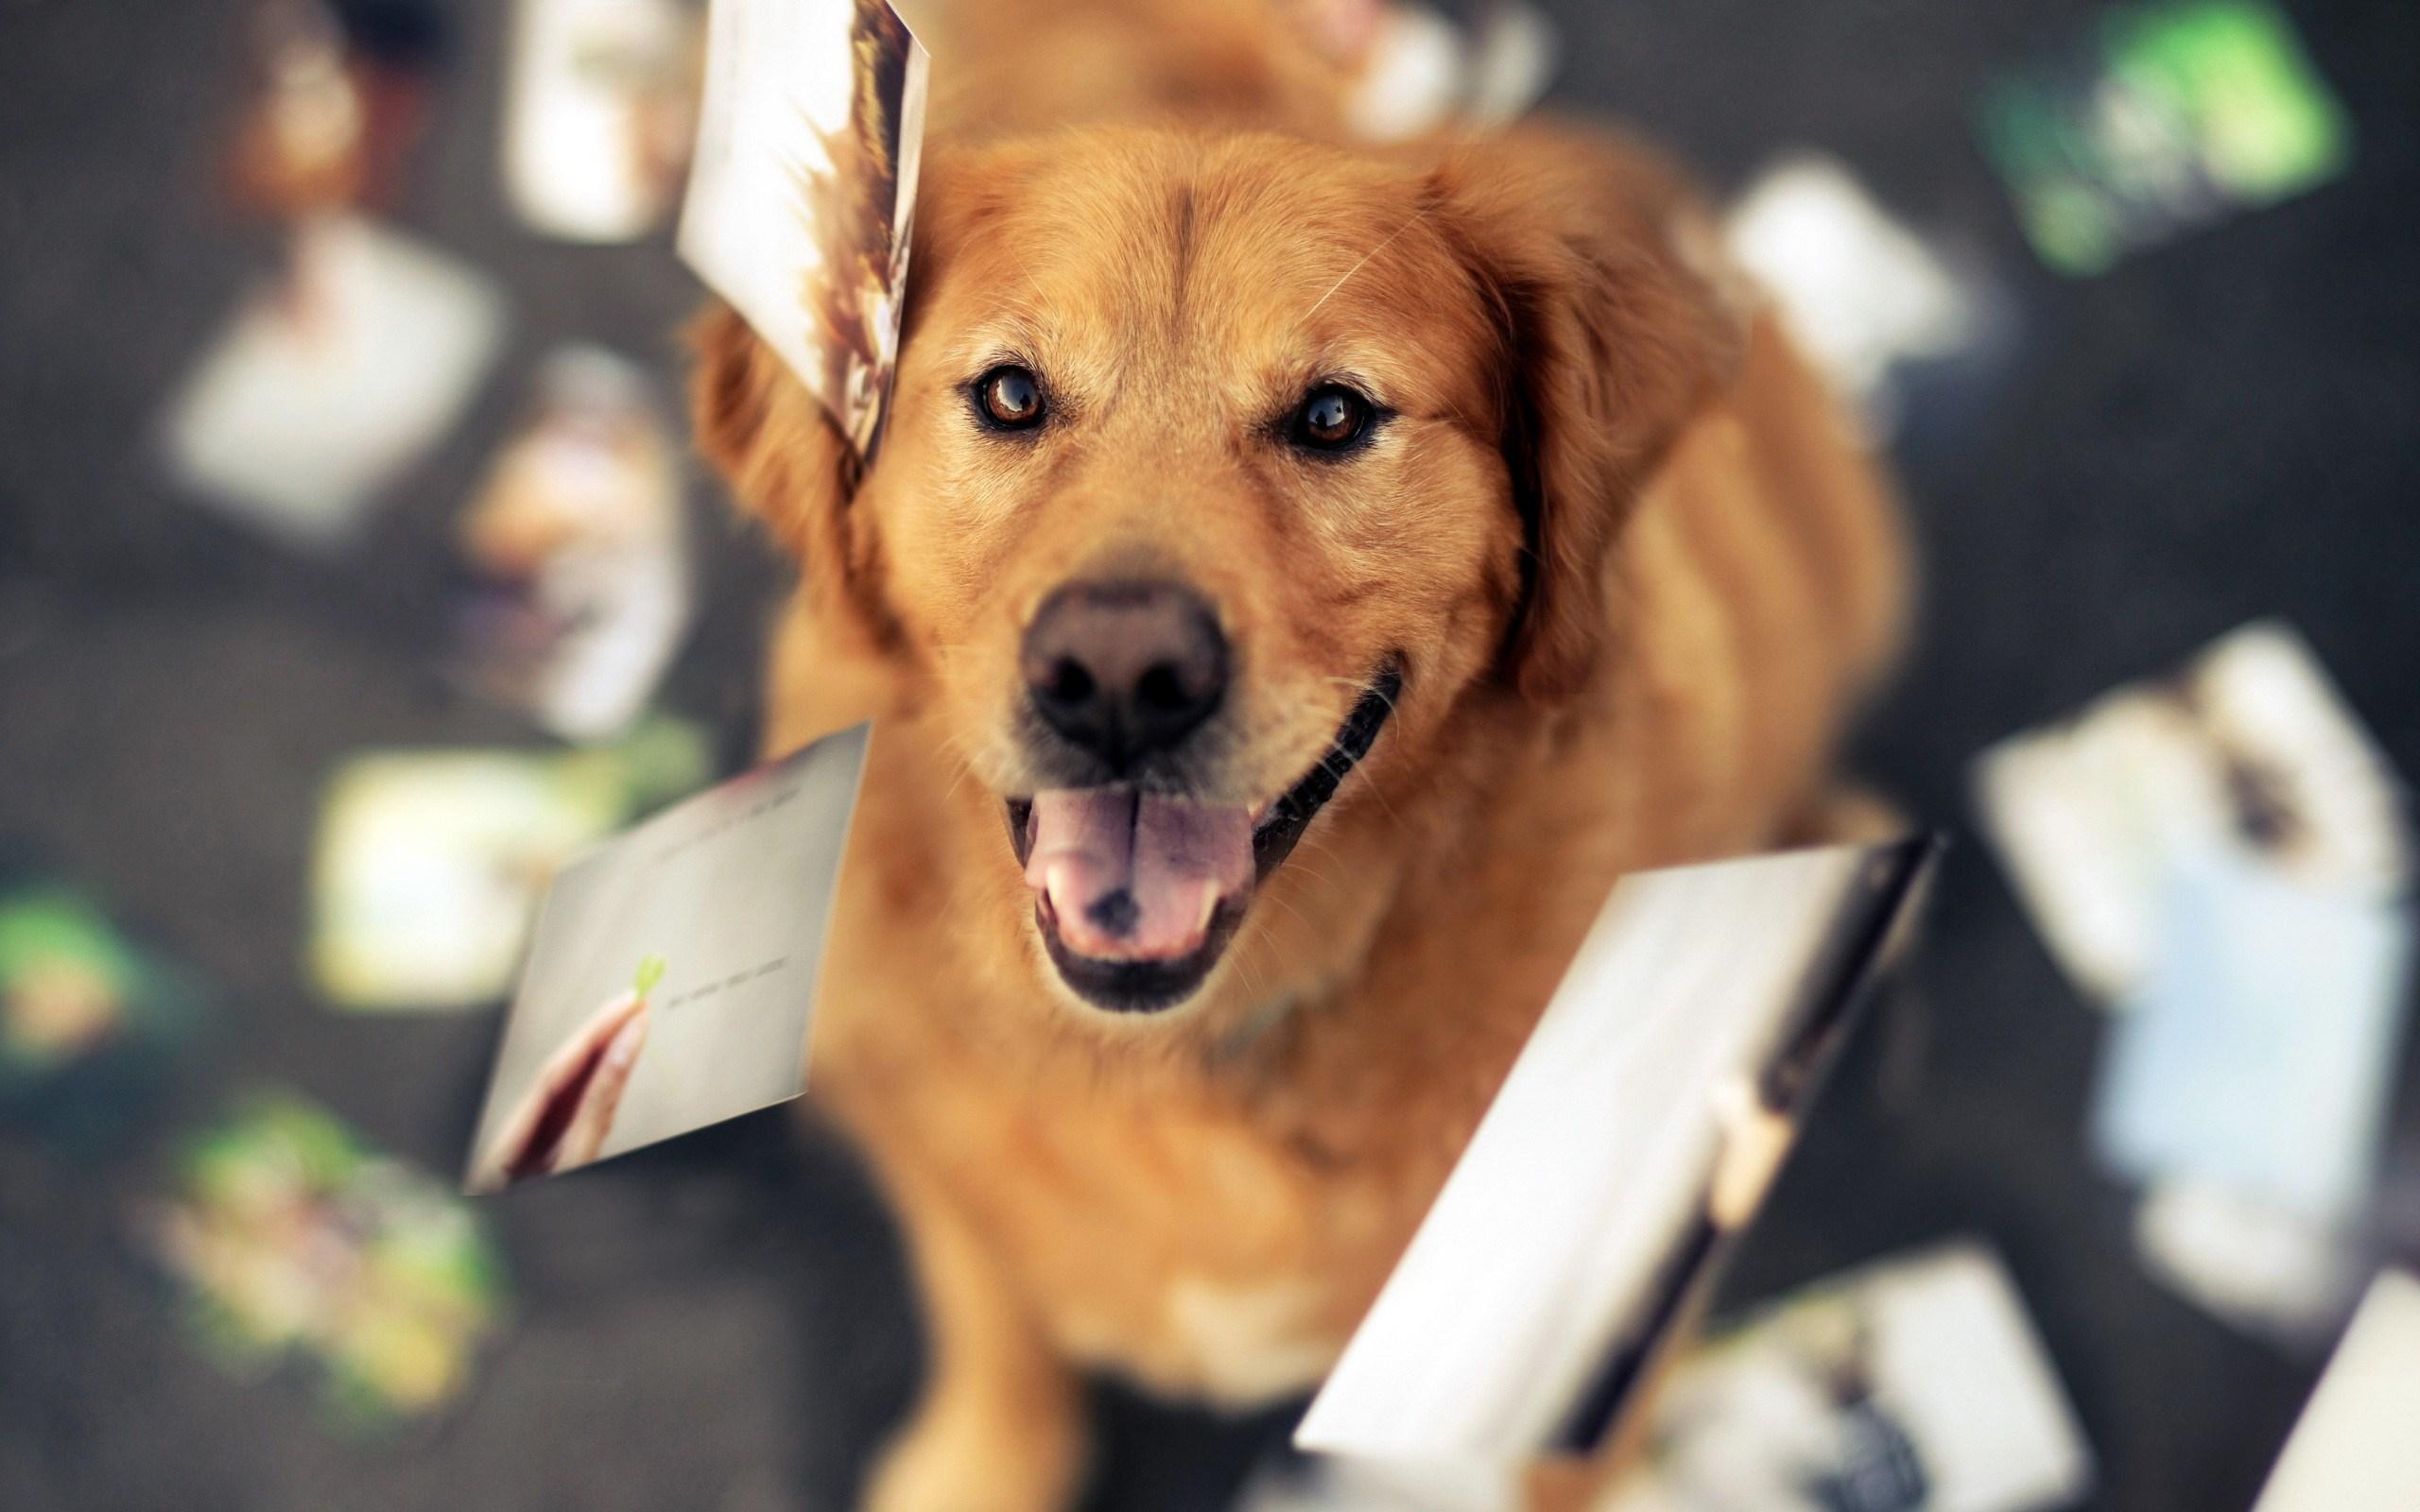 Petland Puppies: Cutest Big Dog Breeds